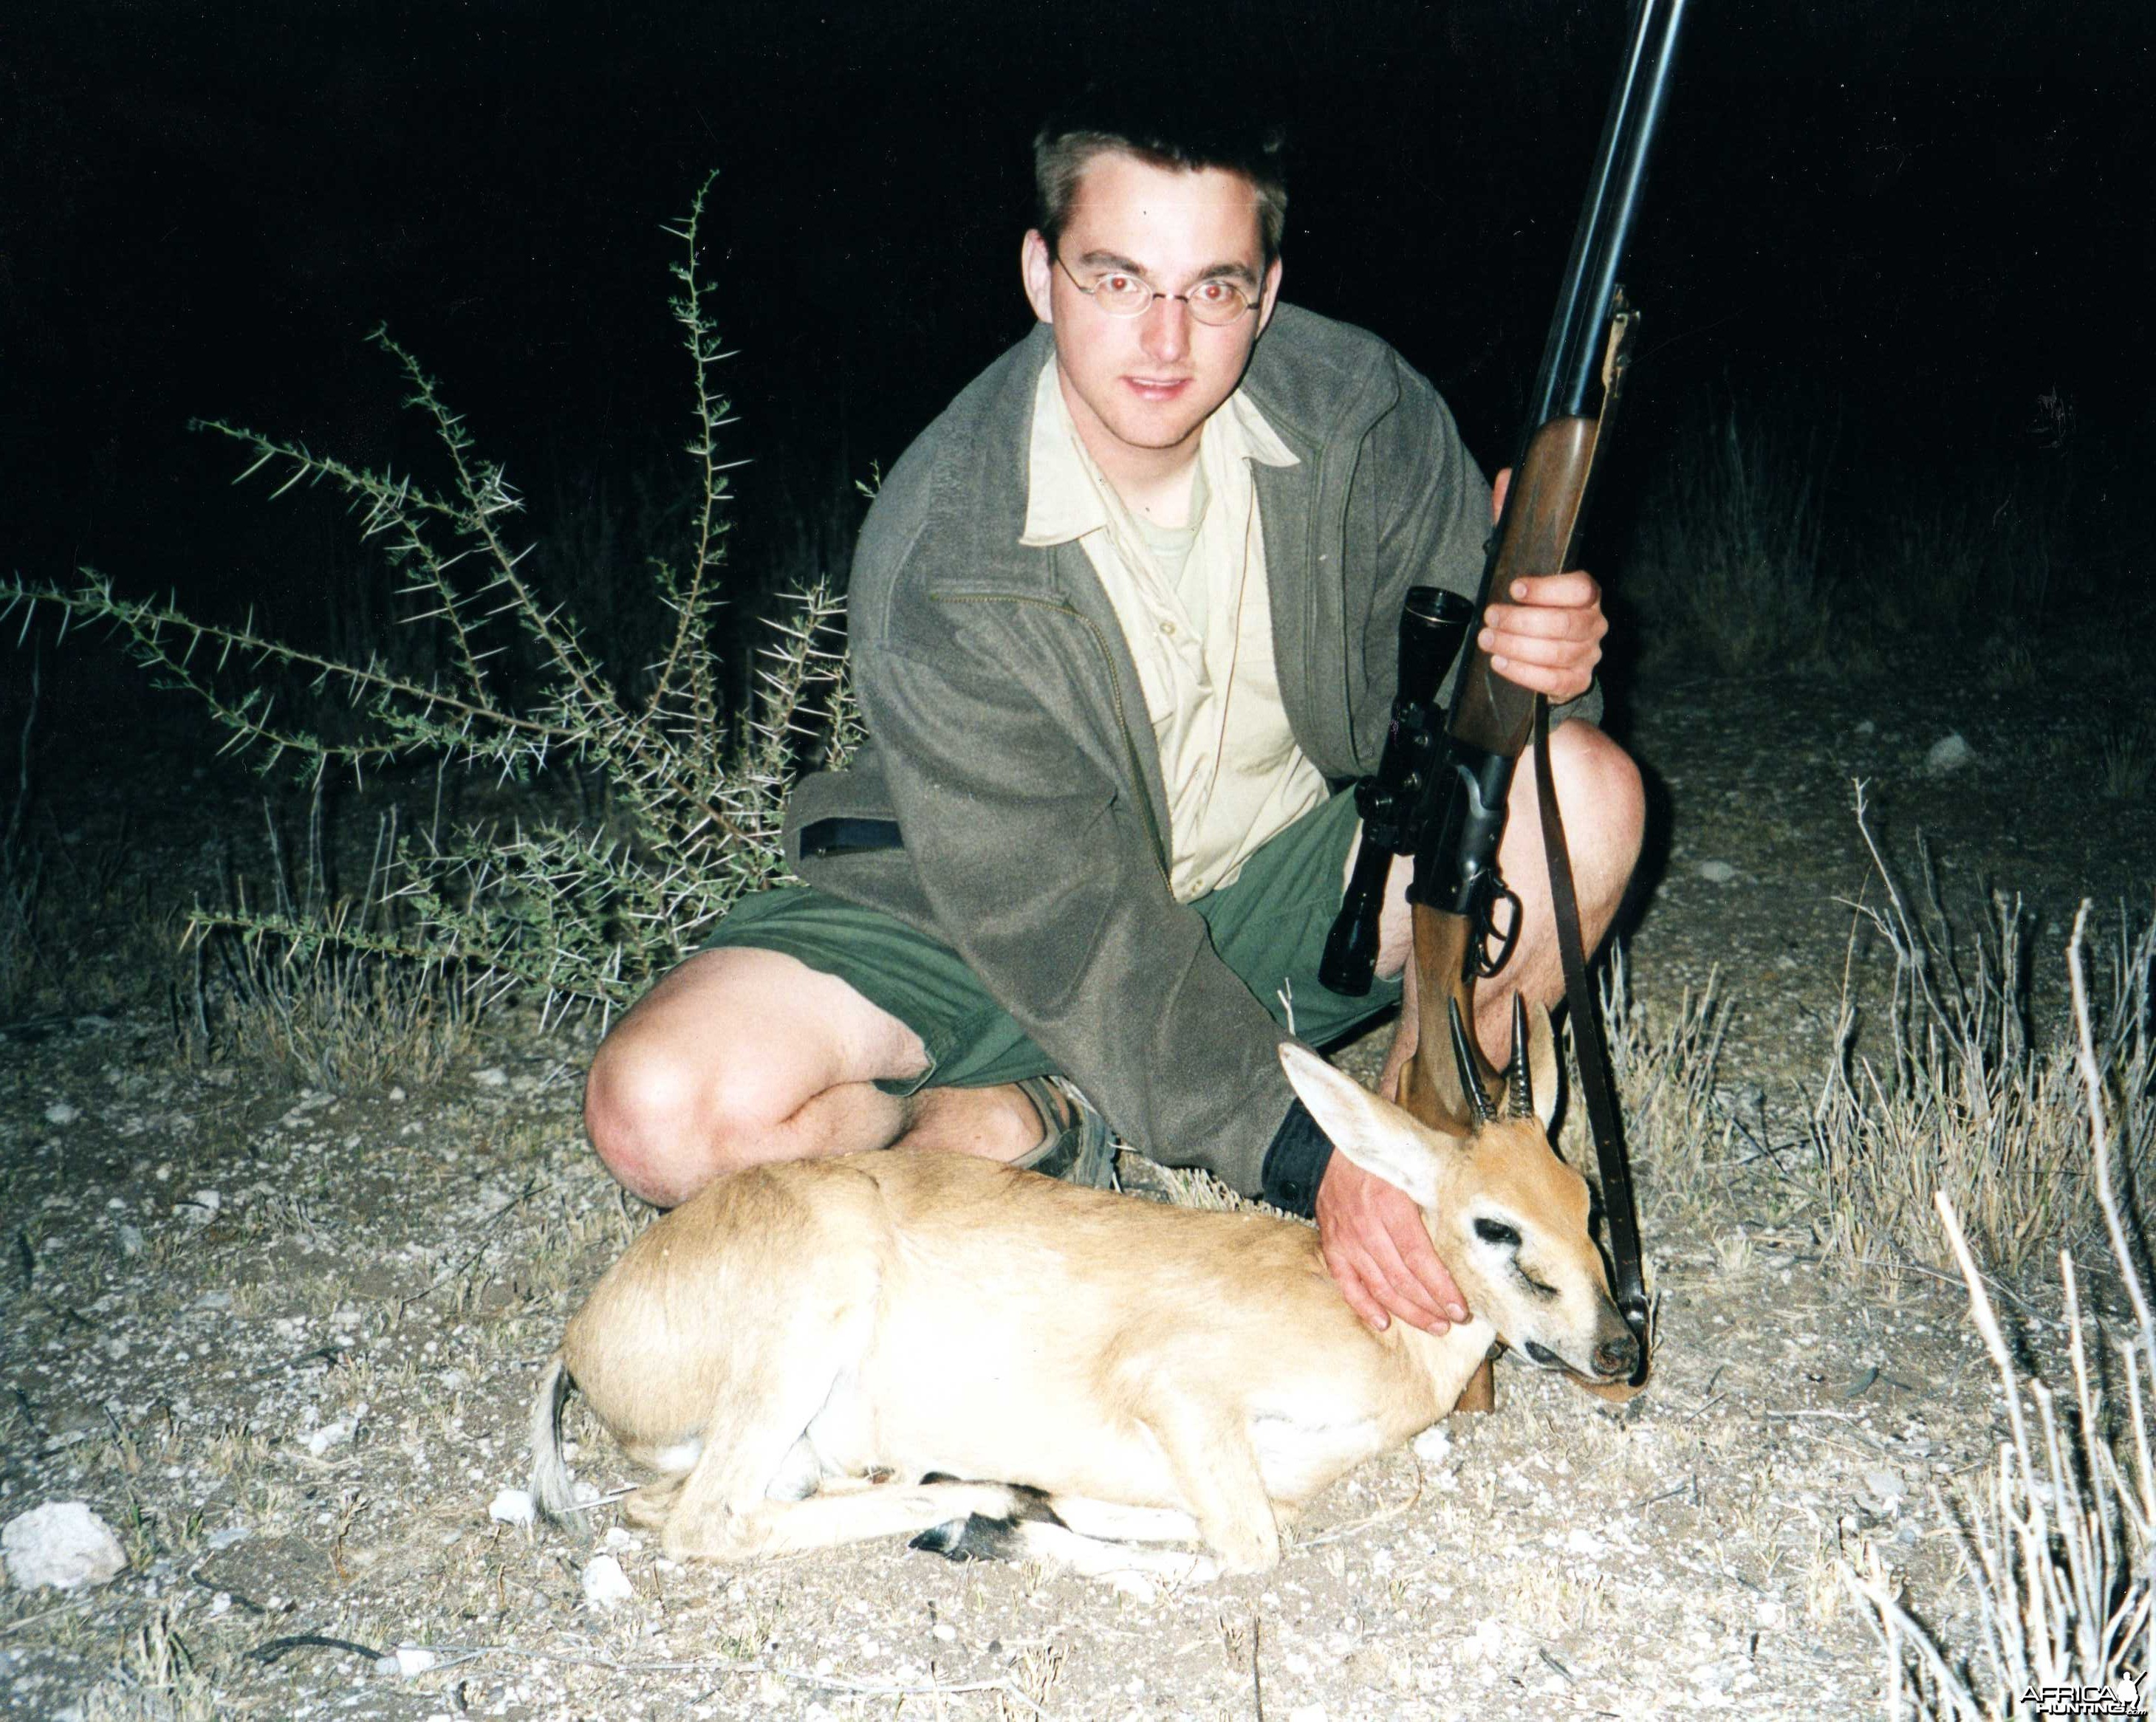 Duiker, Namibia 2003